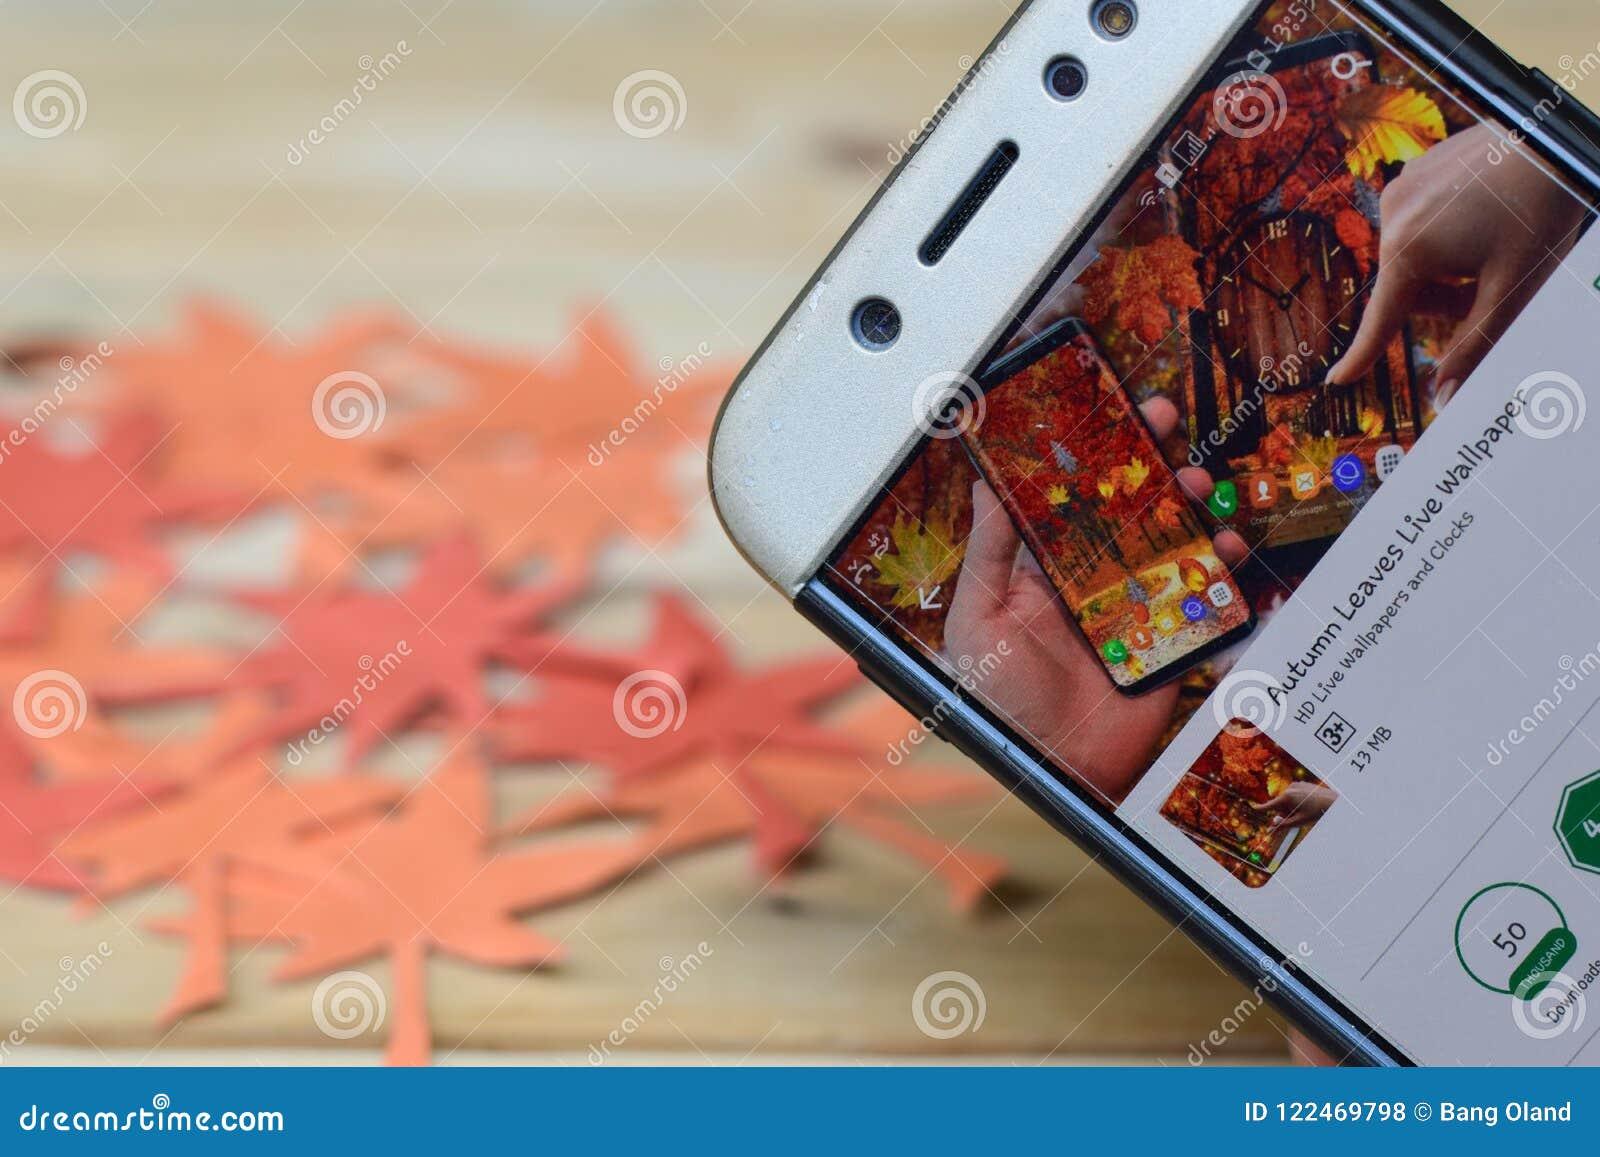 Autumn Leaves Live Wallpaper App En La Pantalla De